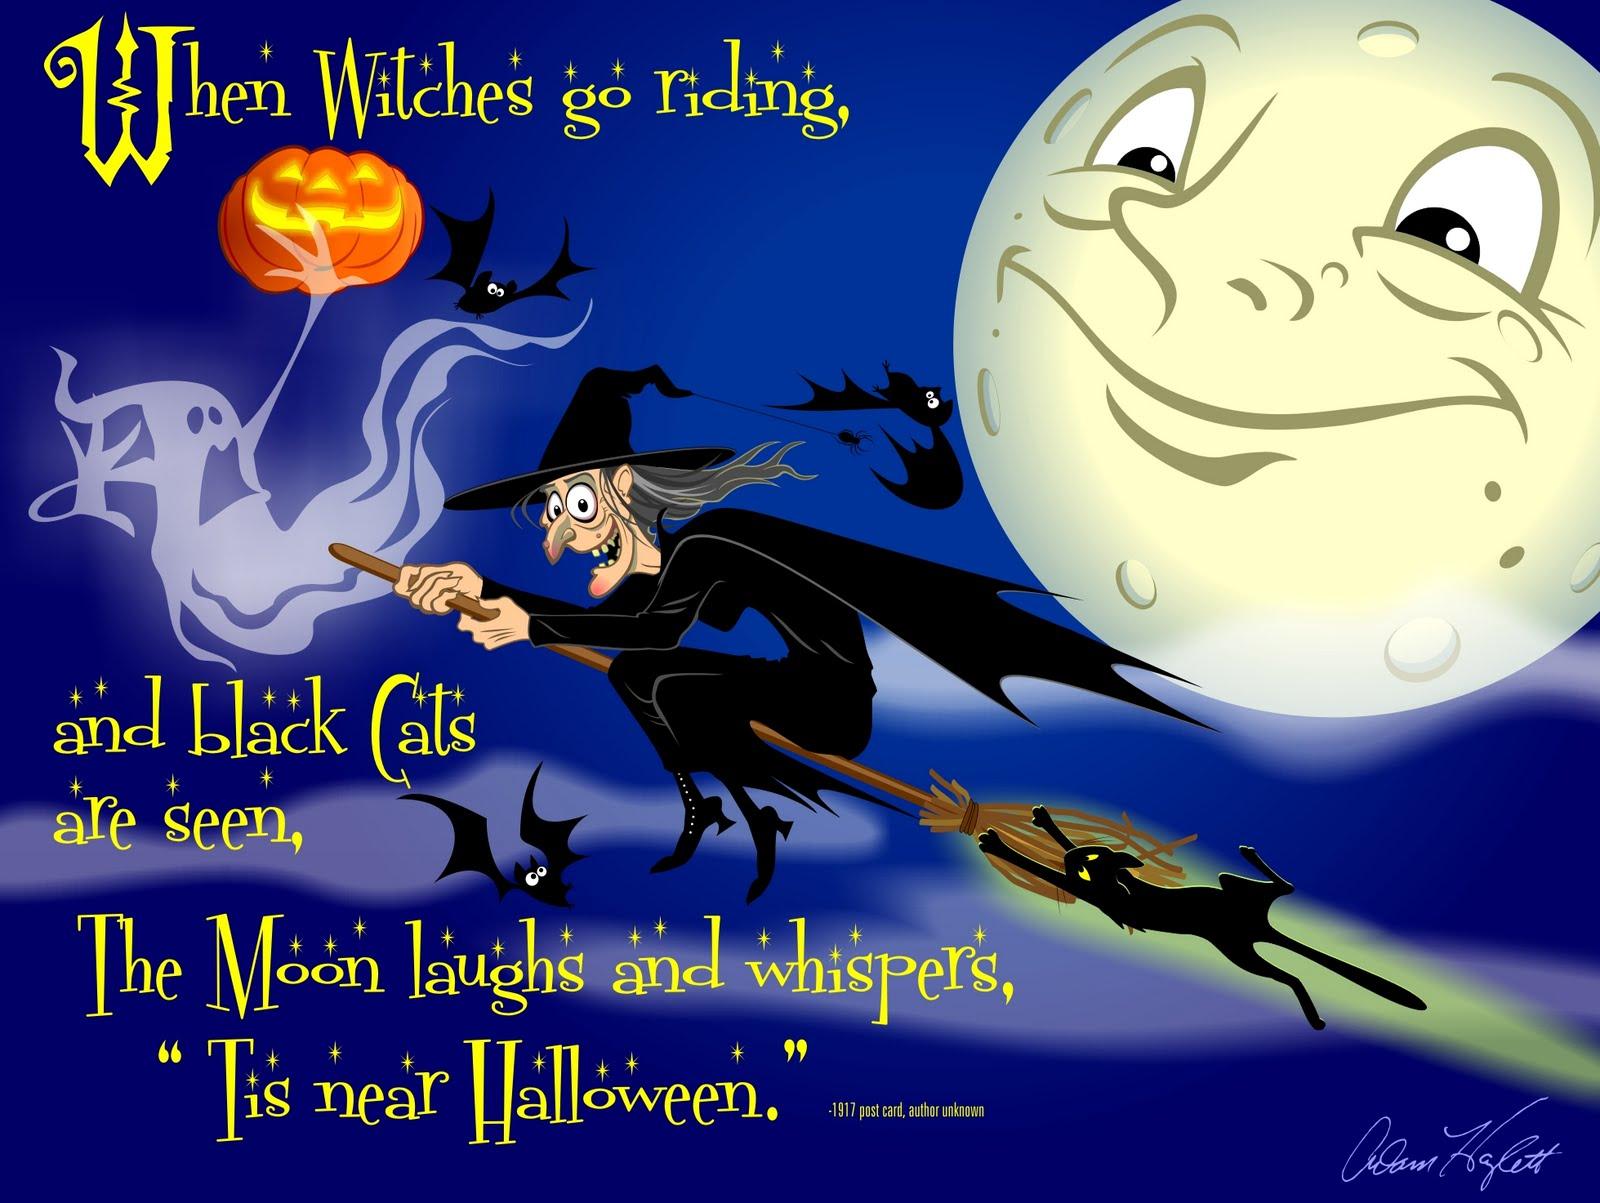 TiKiMOOSE: When Witches Go Riding